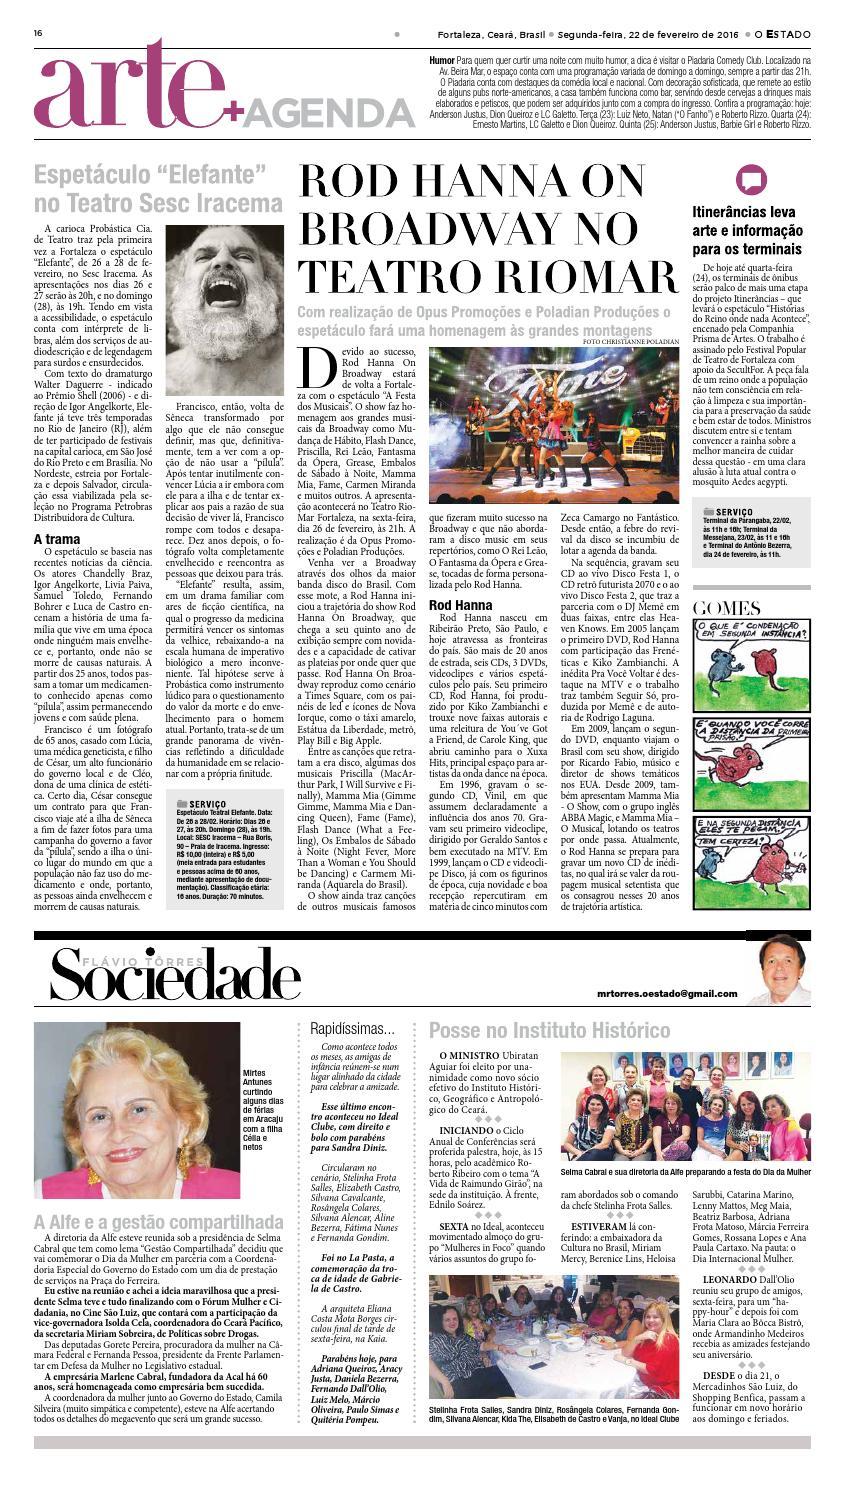 22 02 2016 - Edição 22707 by Jornal O Estado (Ceará) - issuu c46cf48dad